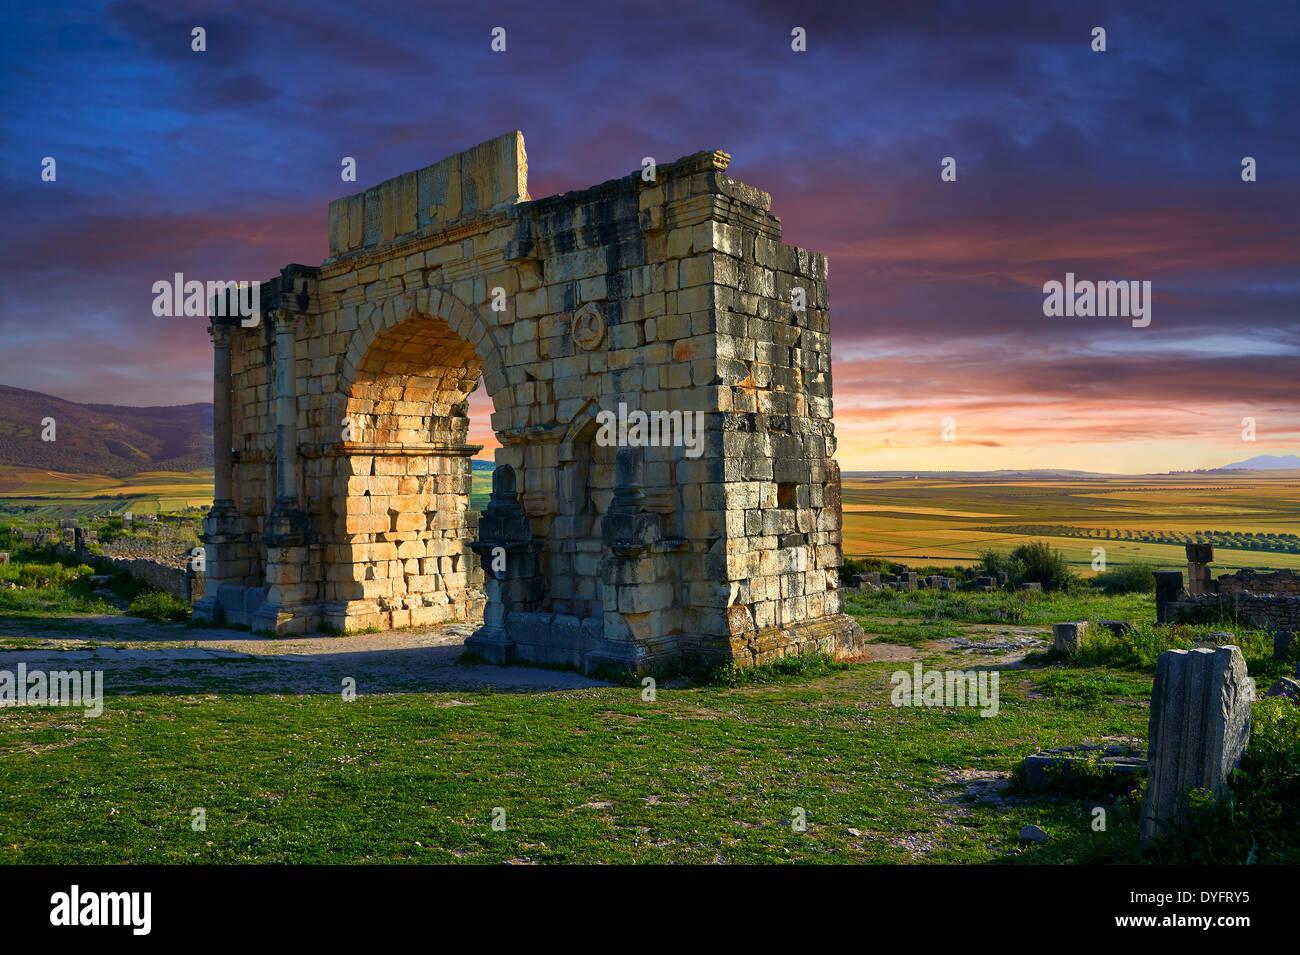 L'arco di Caracalla, costruito nel 217 dalla città del governatore Marco Aurelio Volubilis sito archeologico, Marocco Immagini Stock